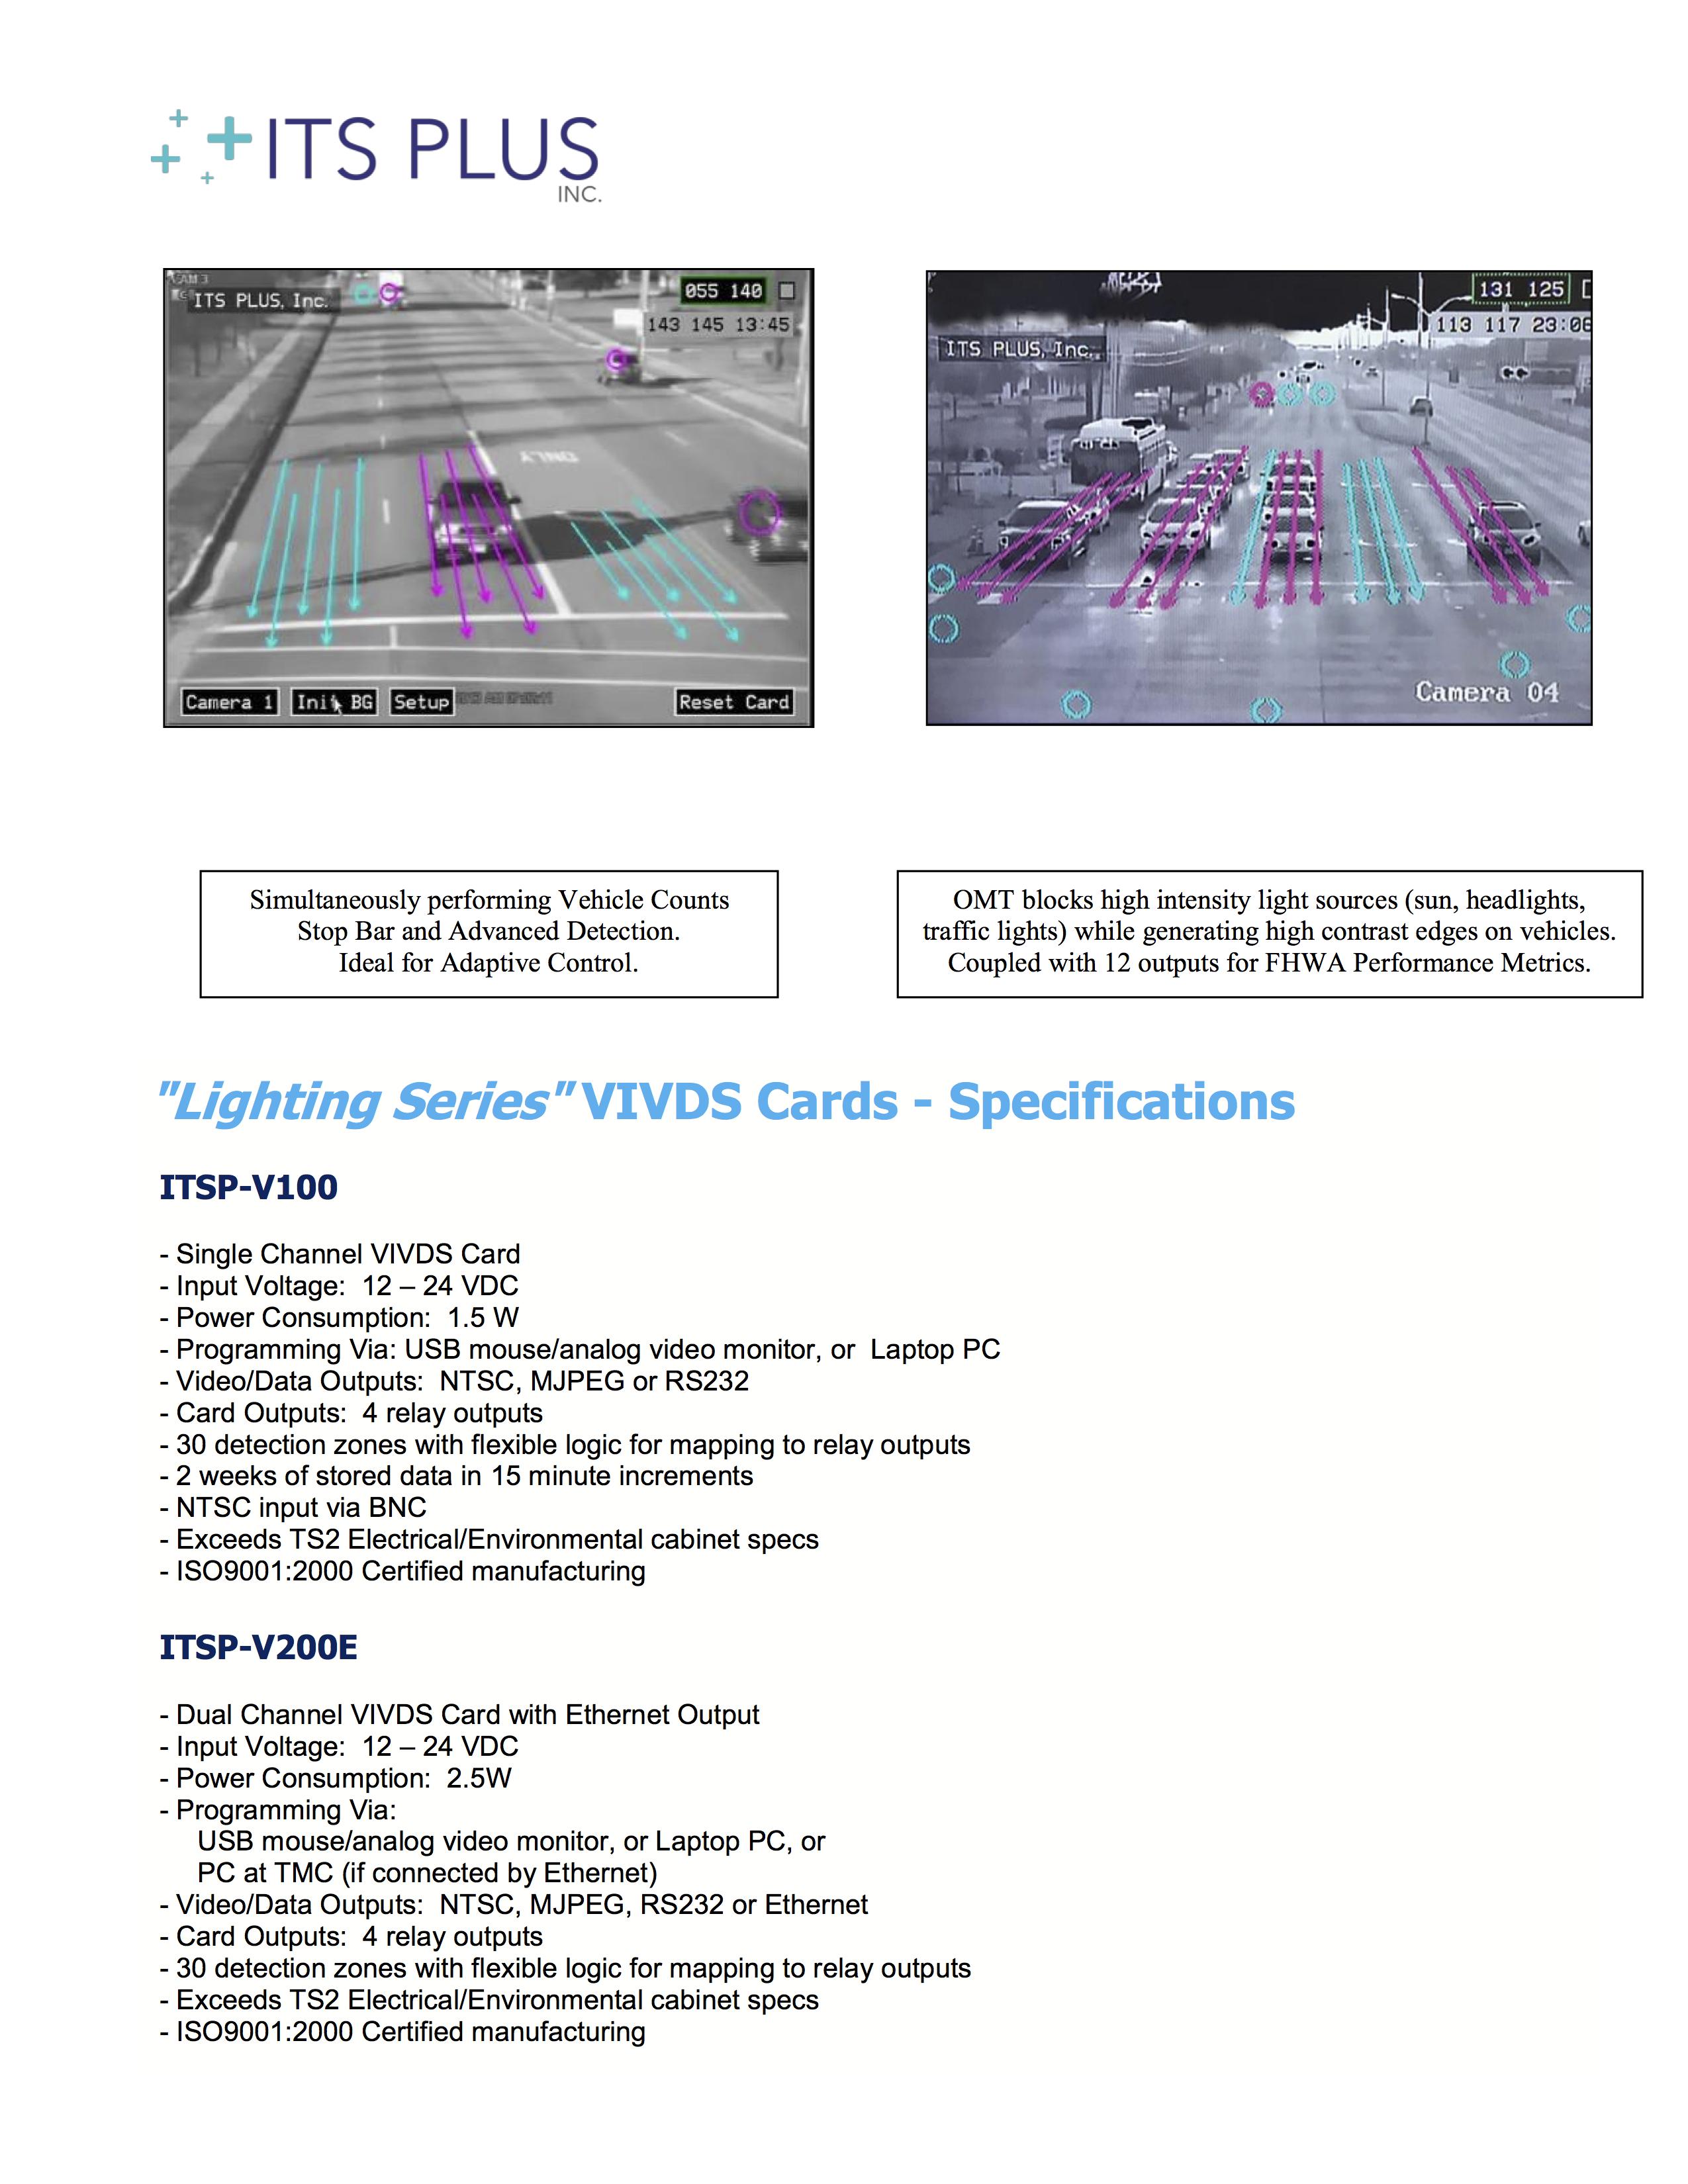 ITSP-V100 V200E page1